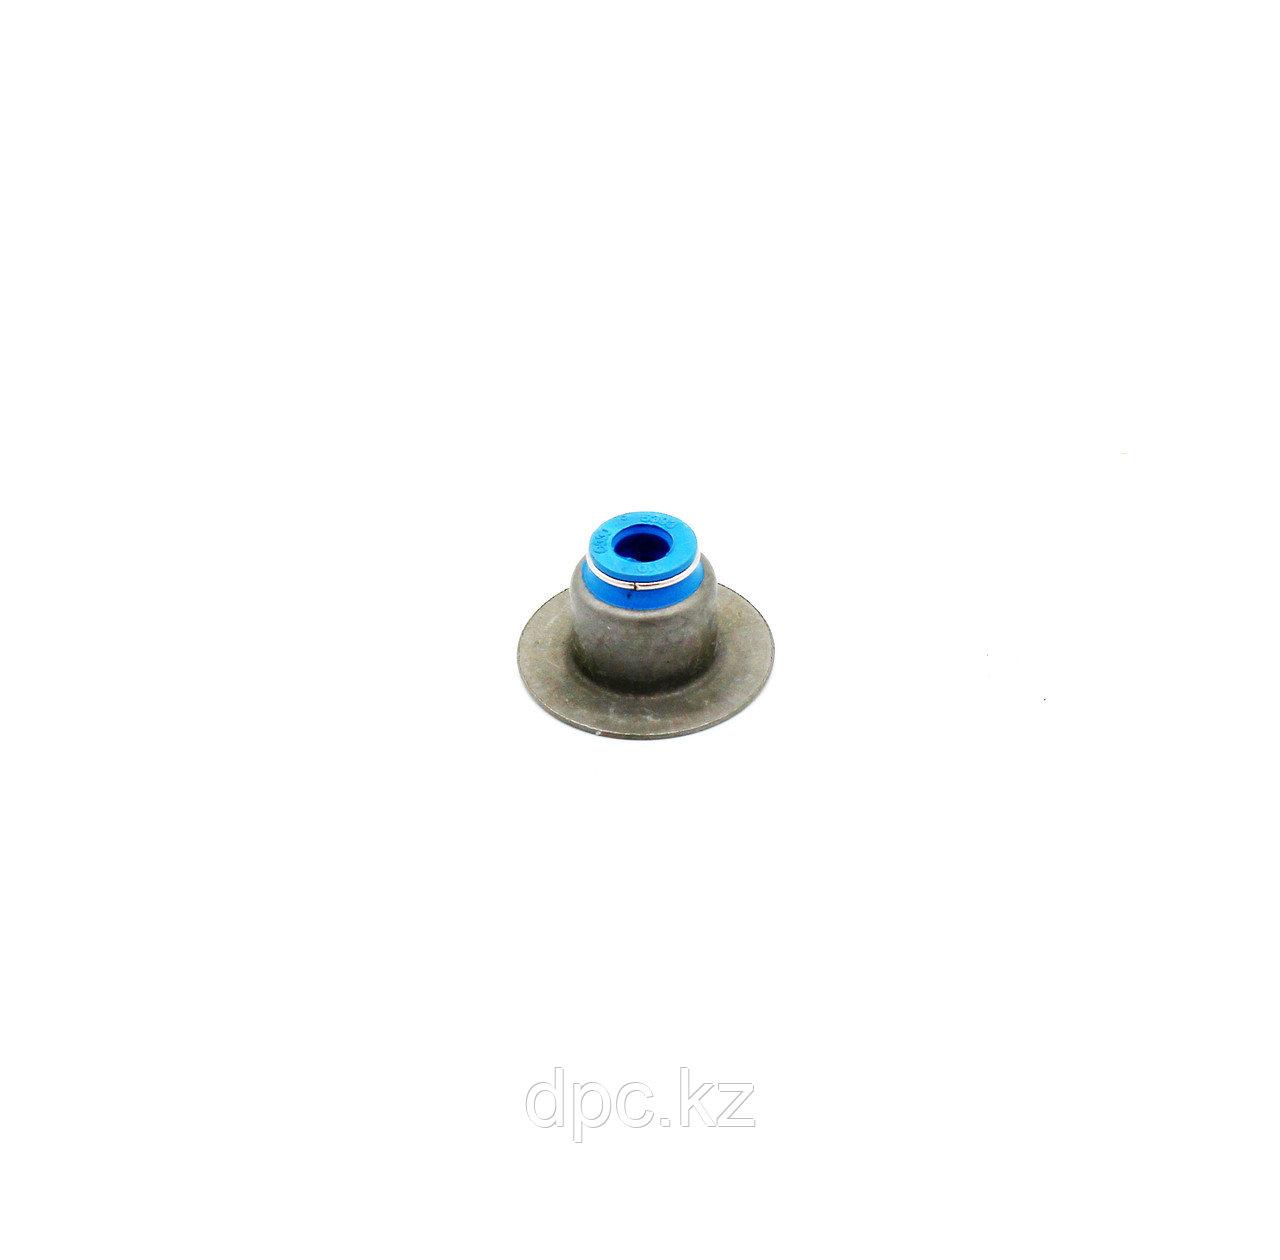 Колпачок маслосъёмный FCEC Cummins ISBe 3955393 4991571